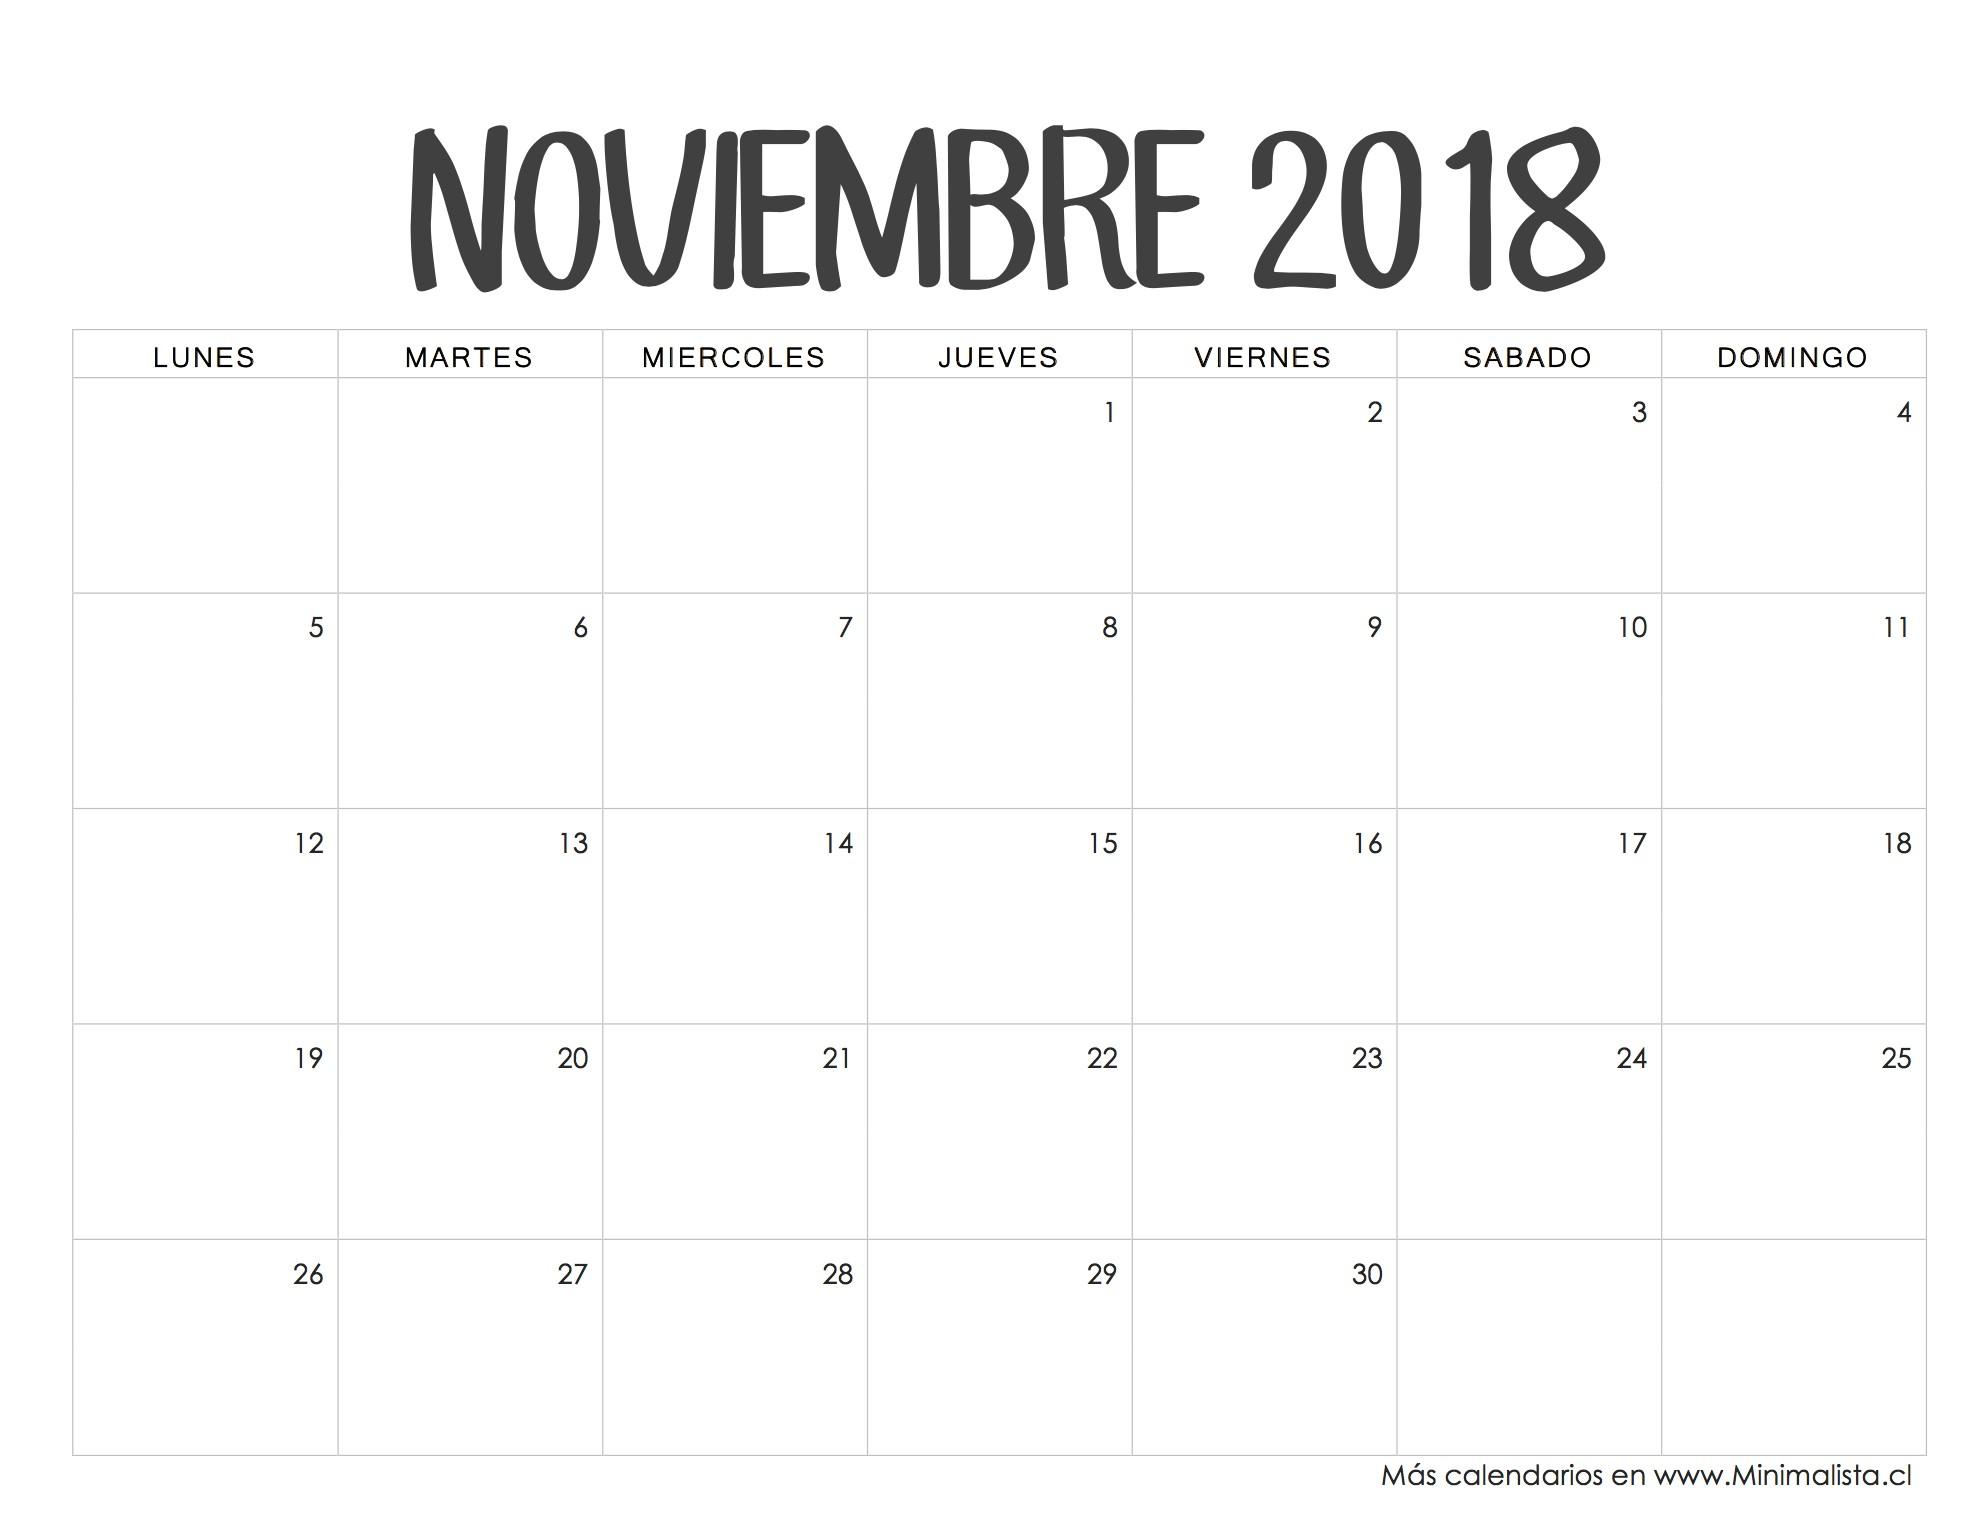 Calendario Mayo 2017 Para Imprimir Para Niños Más Populares Calendario Noviembre 2018 Calendarios2018 Pinterest